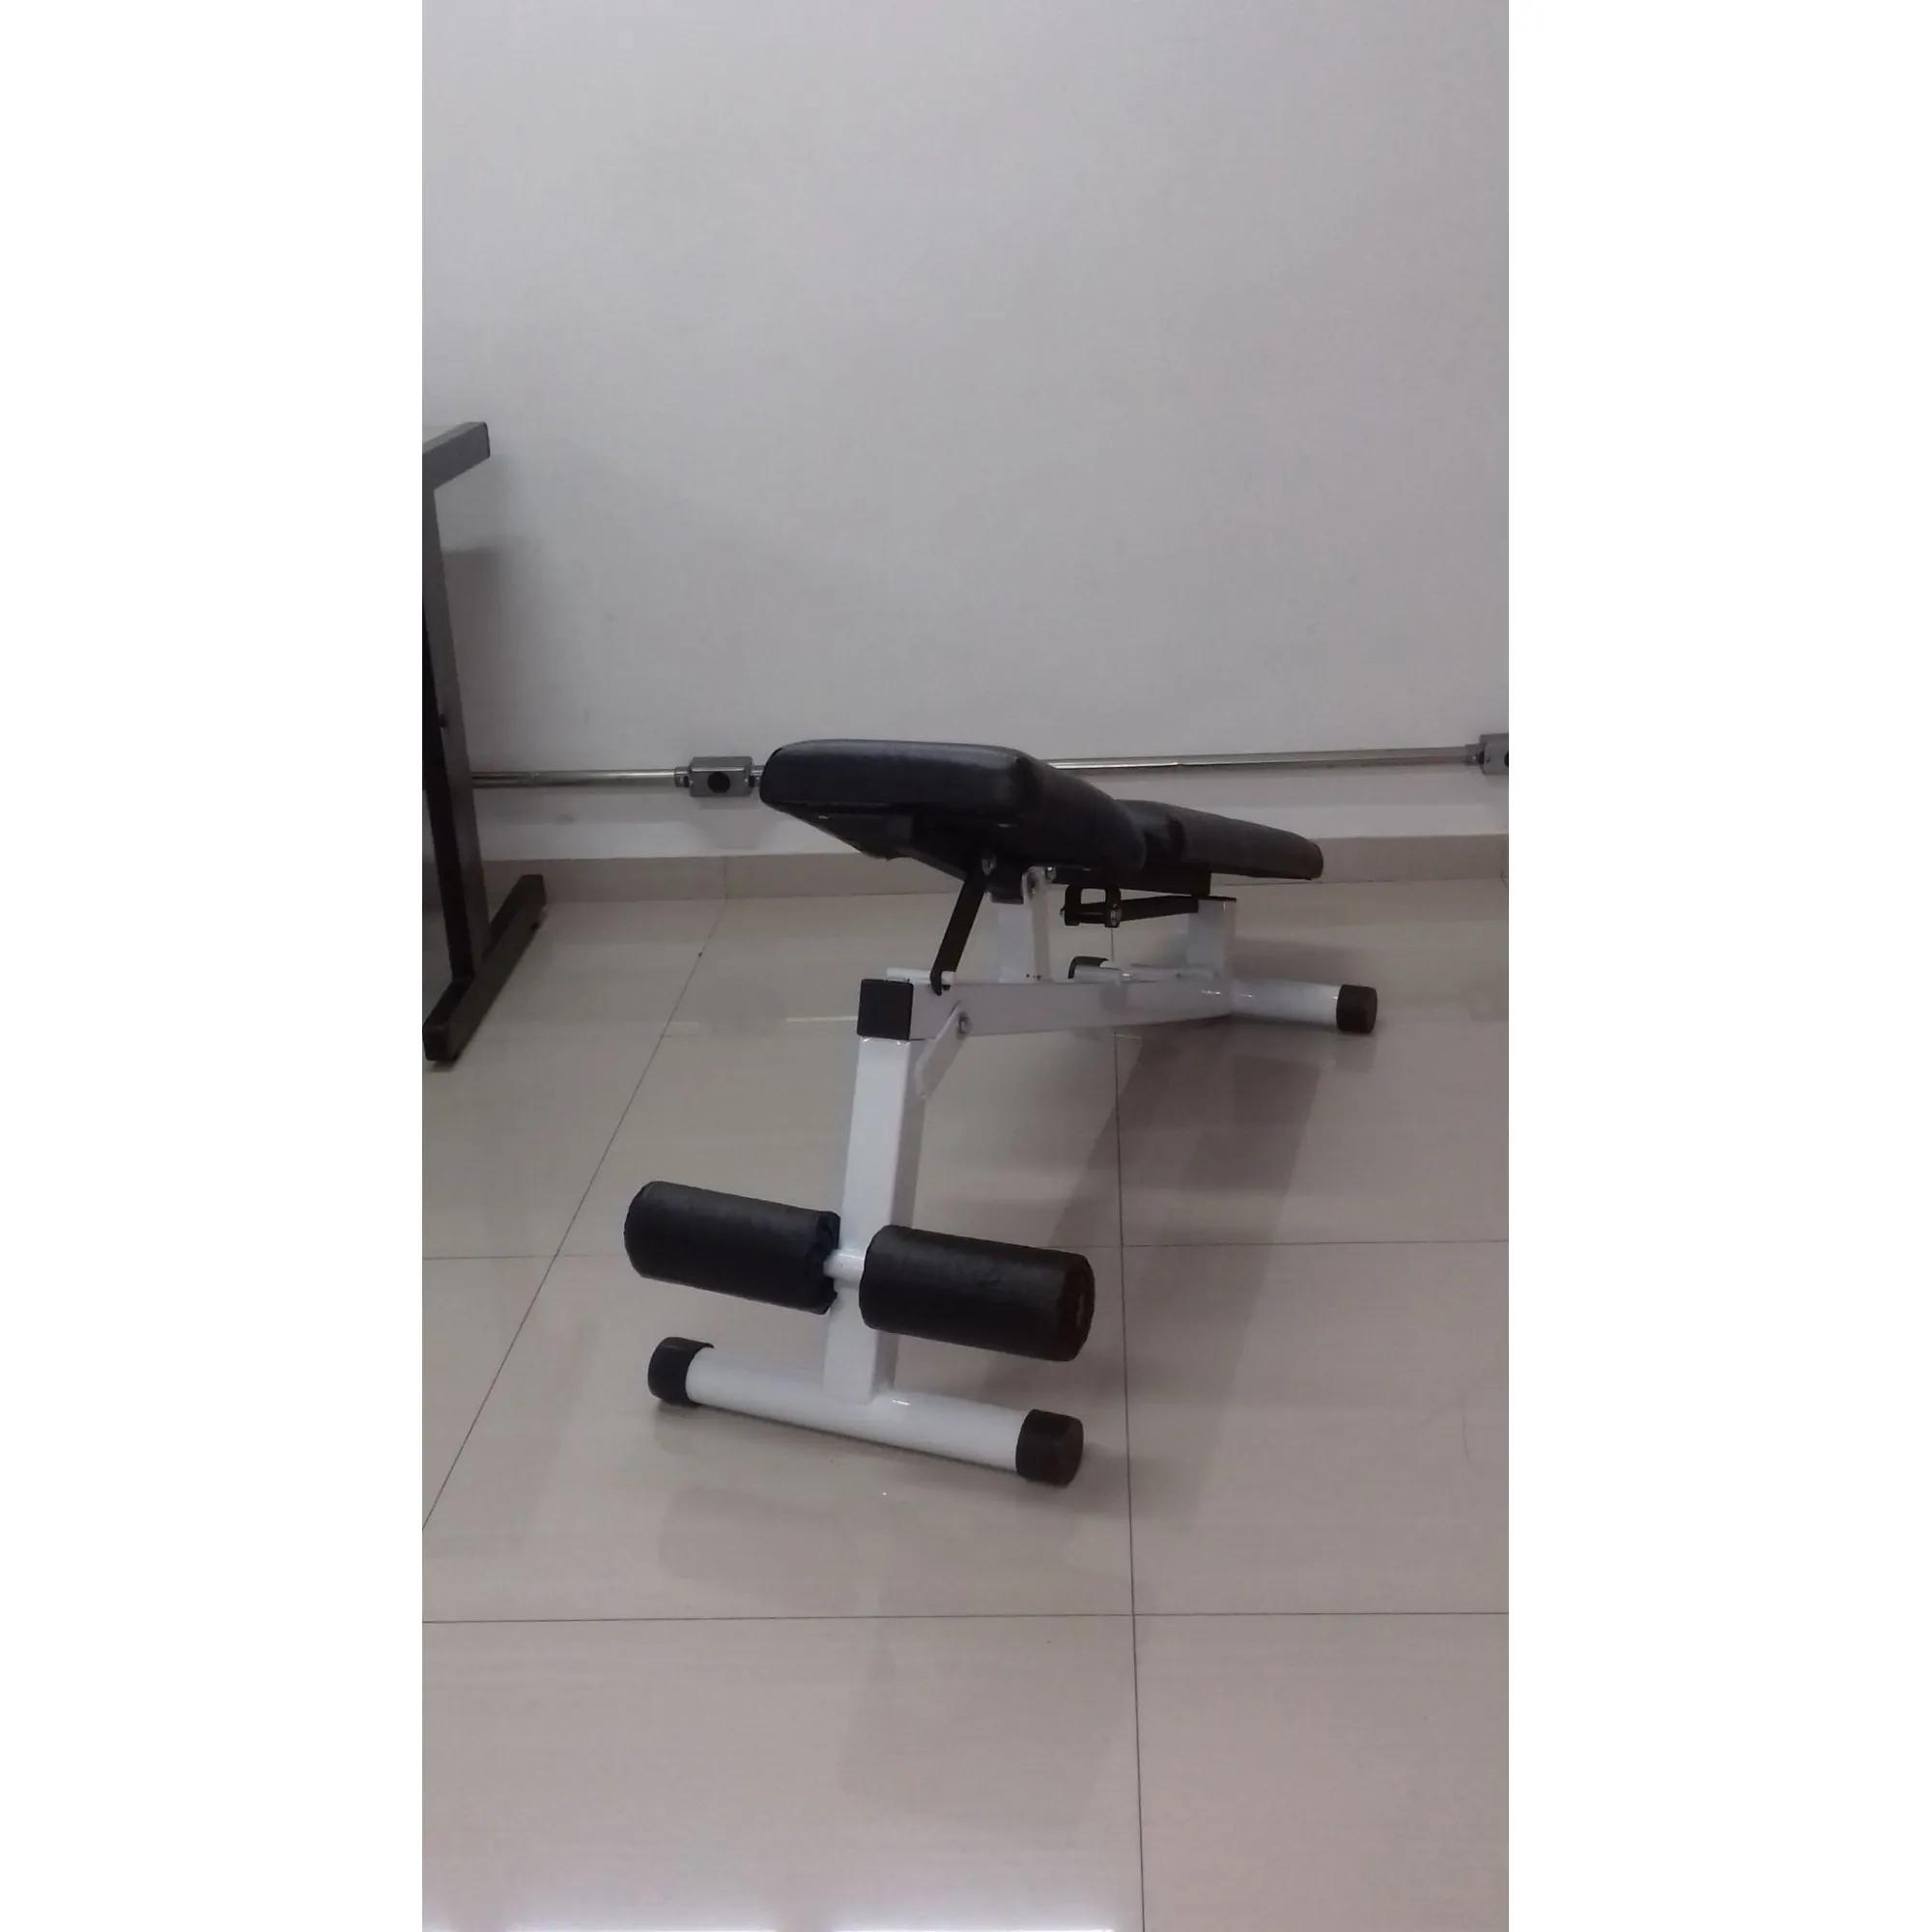 BANCO LIVRE EVOX X15   - Evox Fitness Brasil